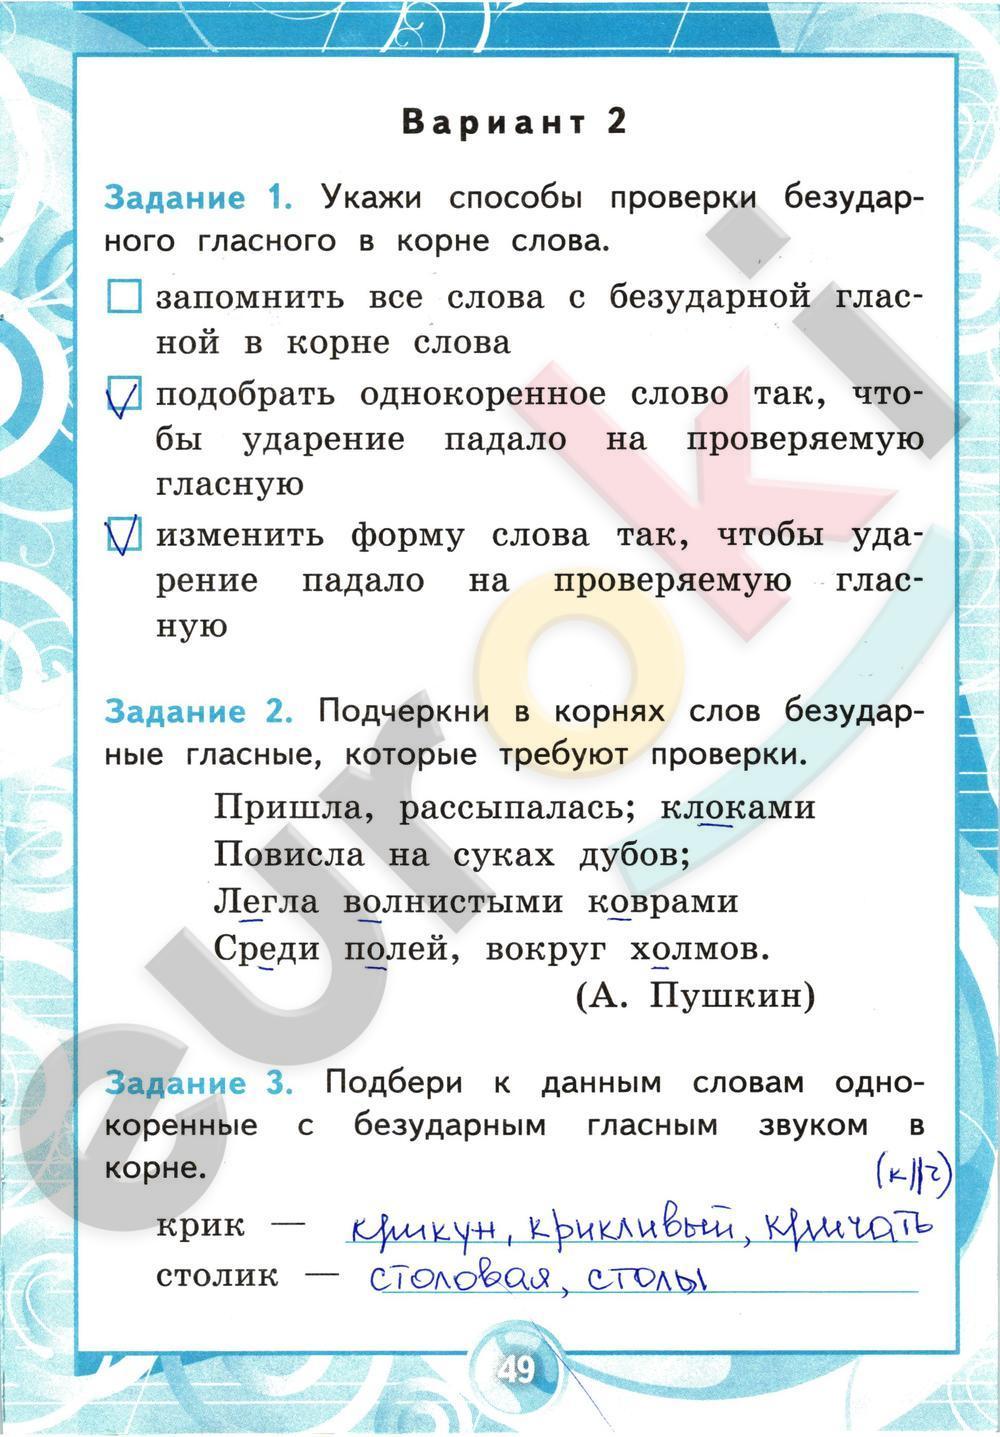 гдз по контрольным работам по русскому языку 3 класс о.н.крылова 2 часть